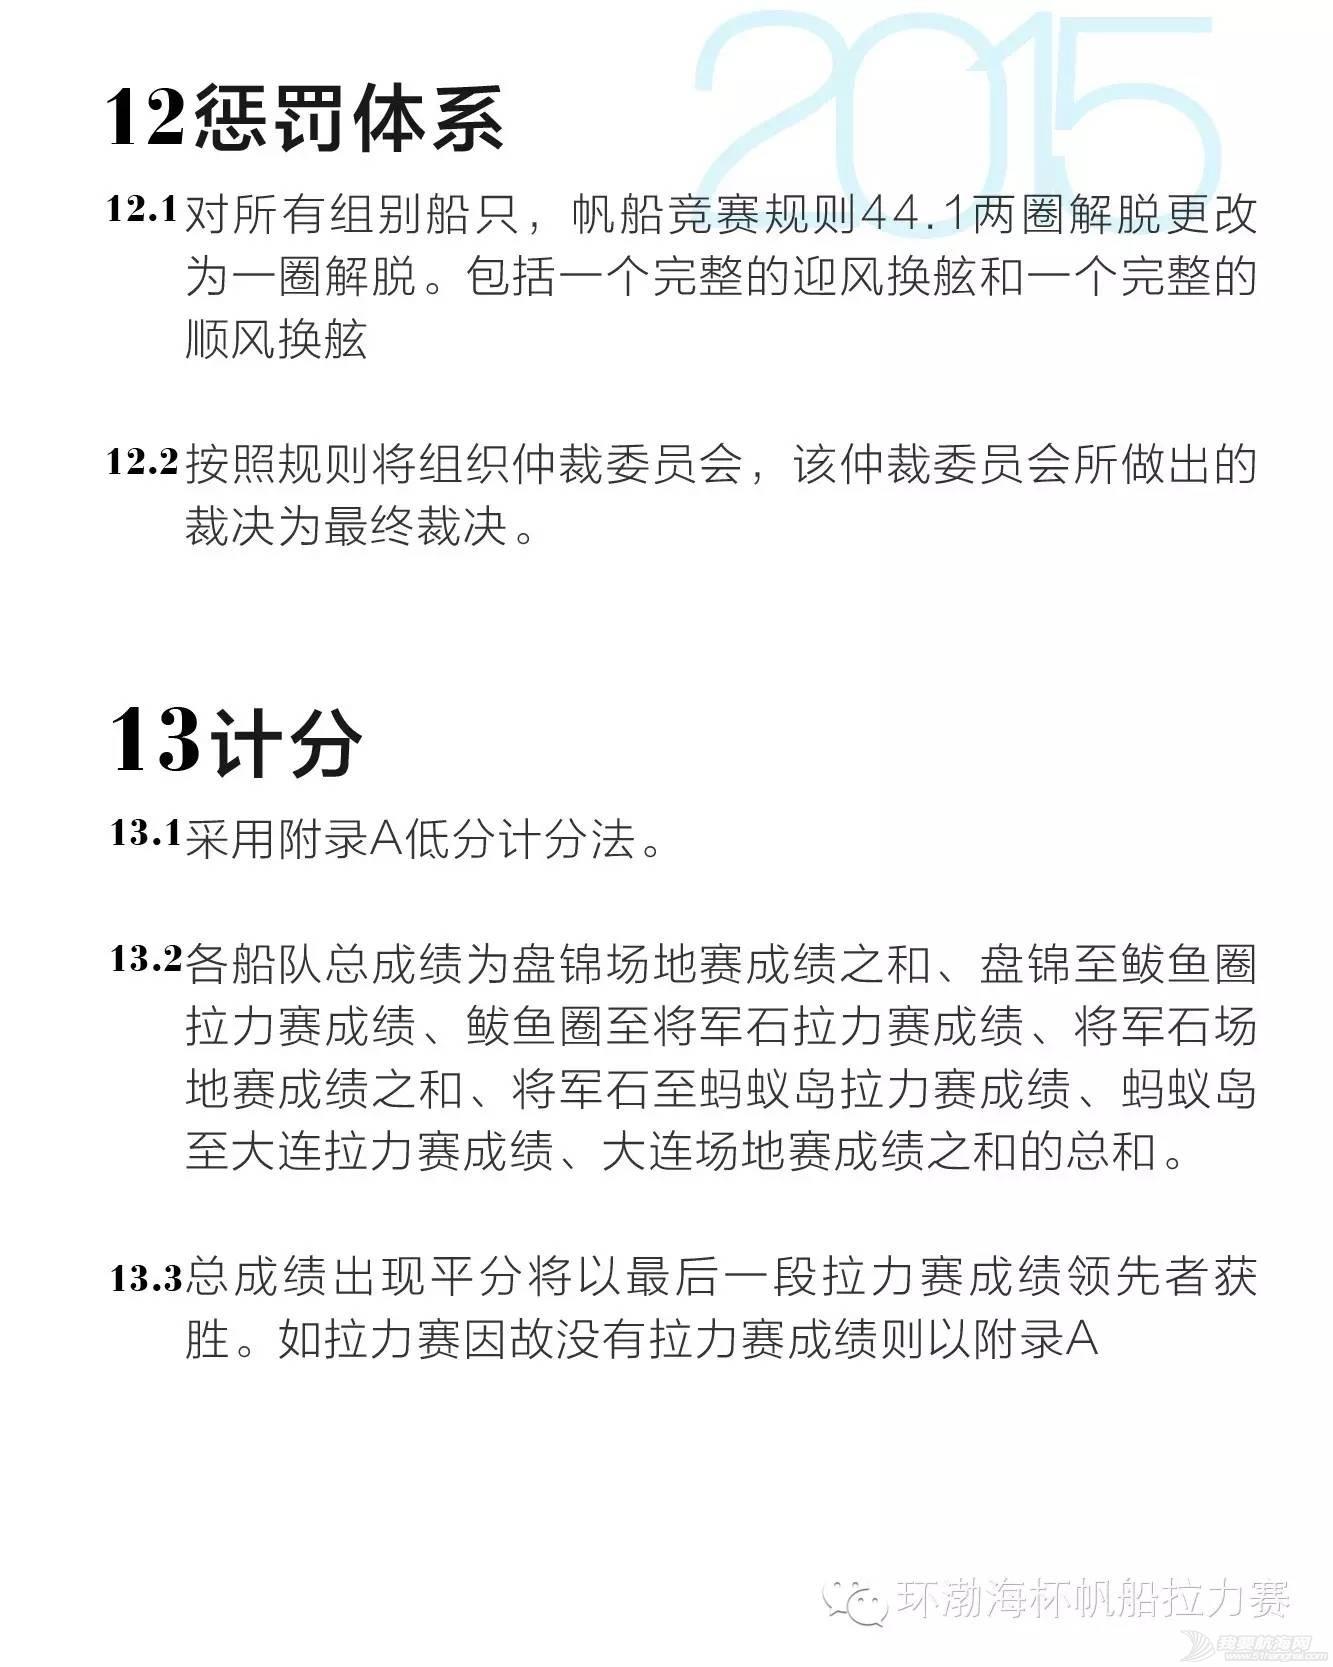 拉力赛,中国,渤海,帆船 2015中国环渤海帆船拉力赛竞赛通知 bfd5bb9b3e620058b0bb6c0b709aeec3.jpg